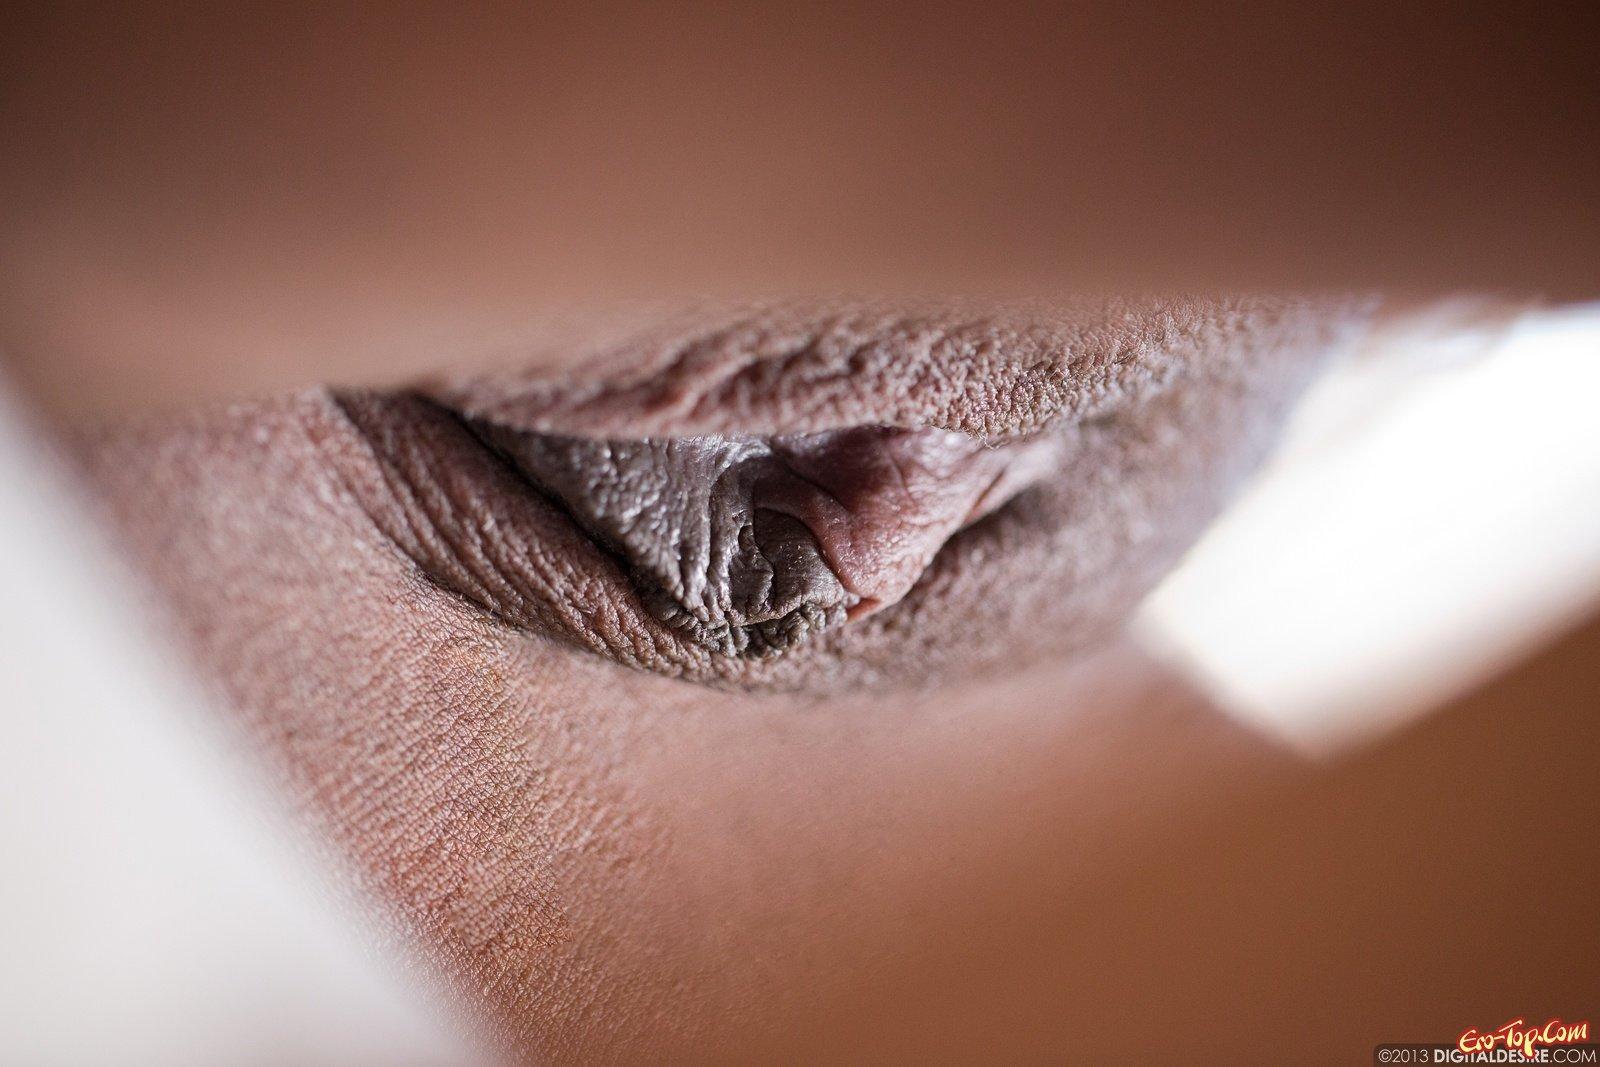 Соблазнительная негритянка оголила пилотку лежа на кушетке смотреть эротику